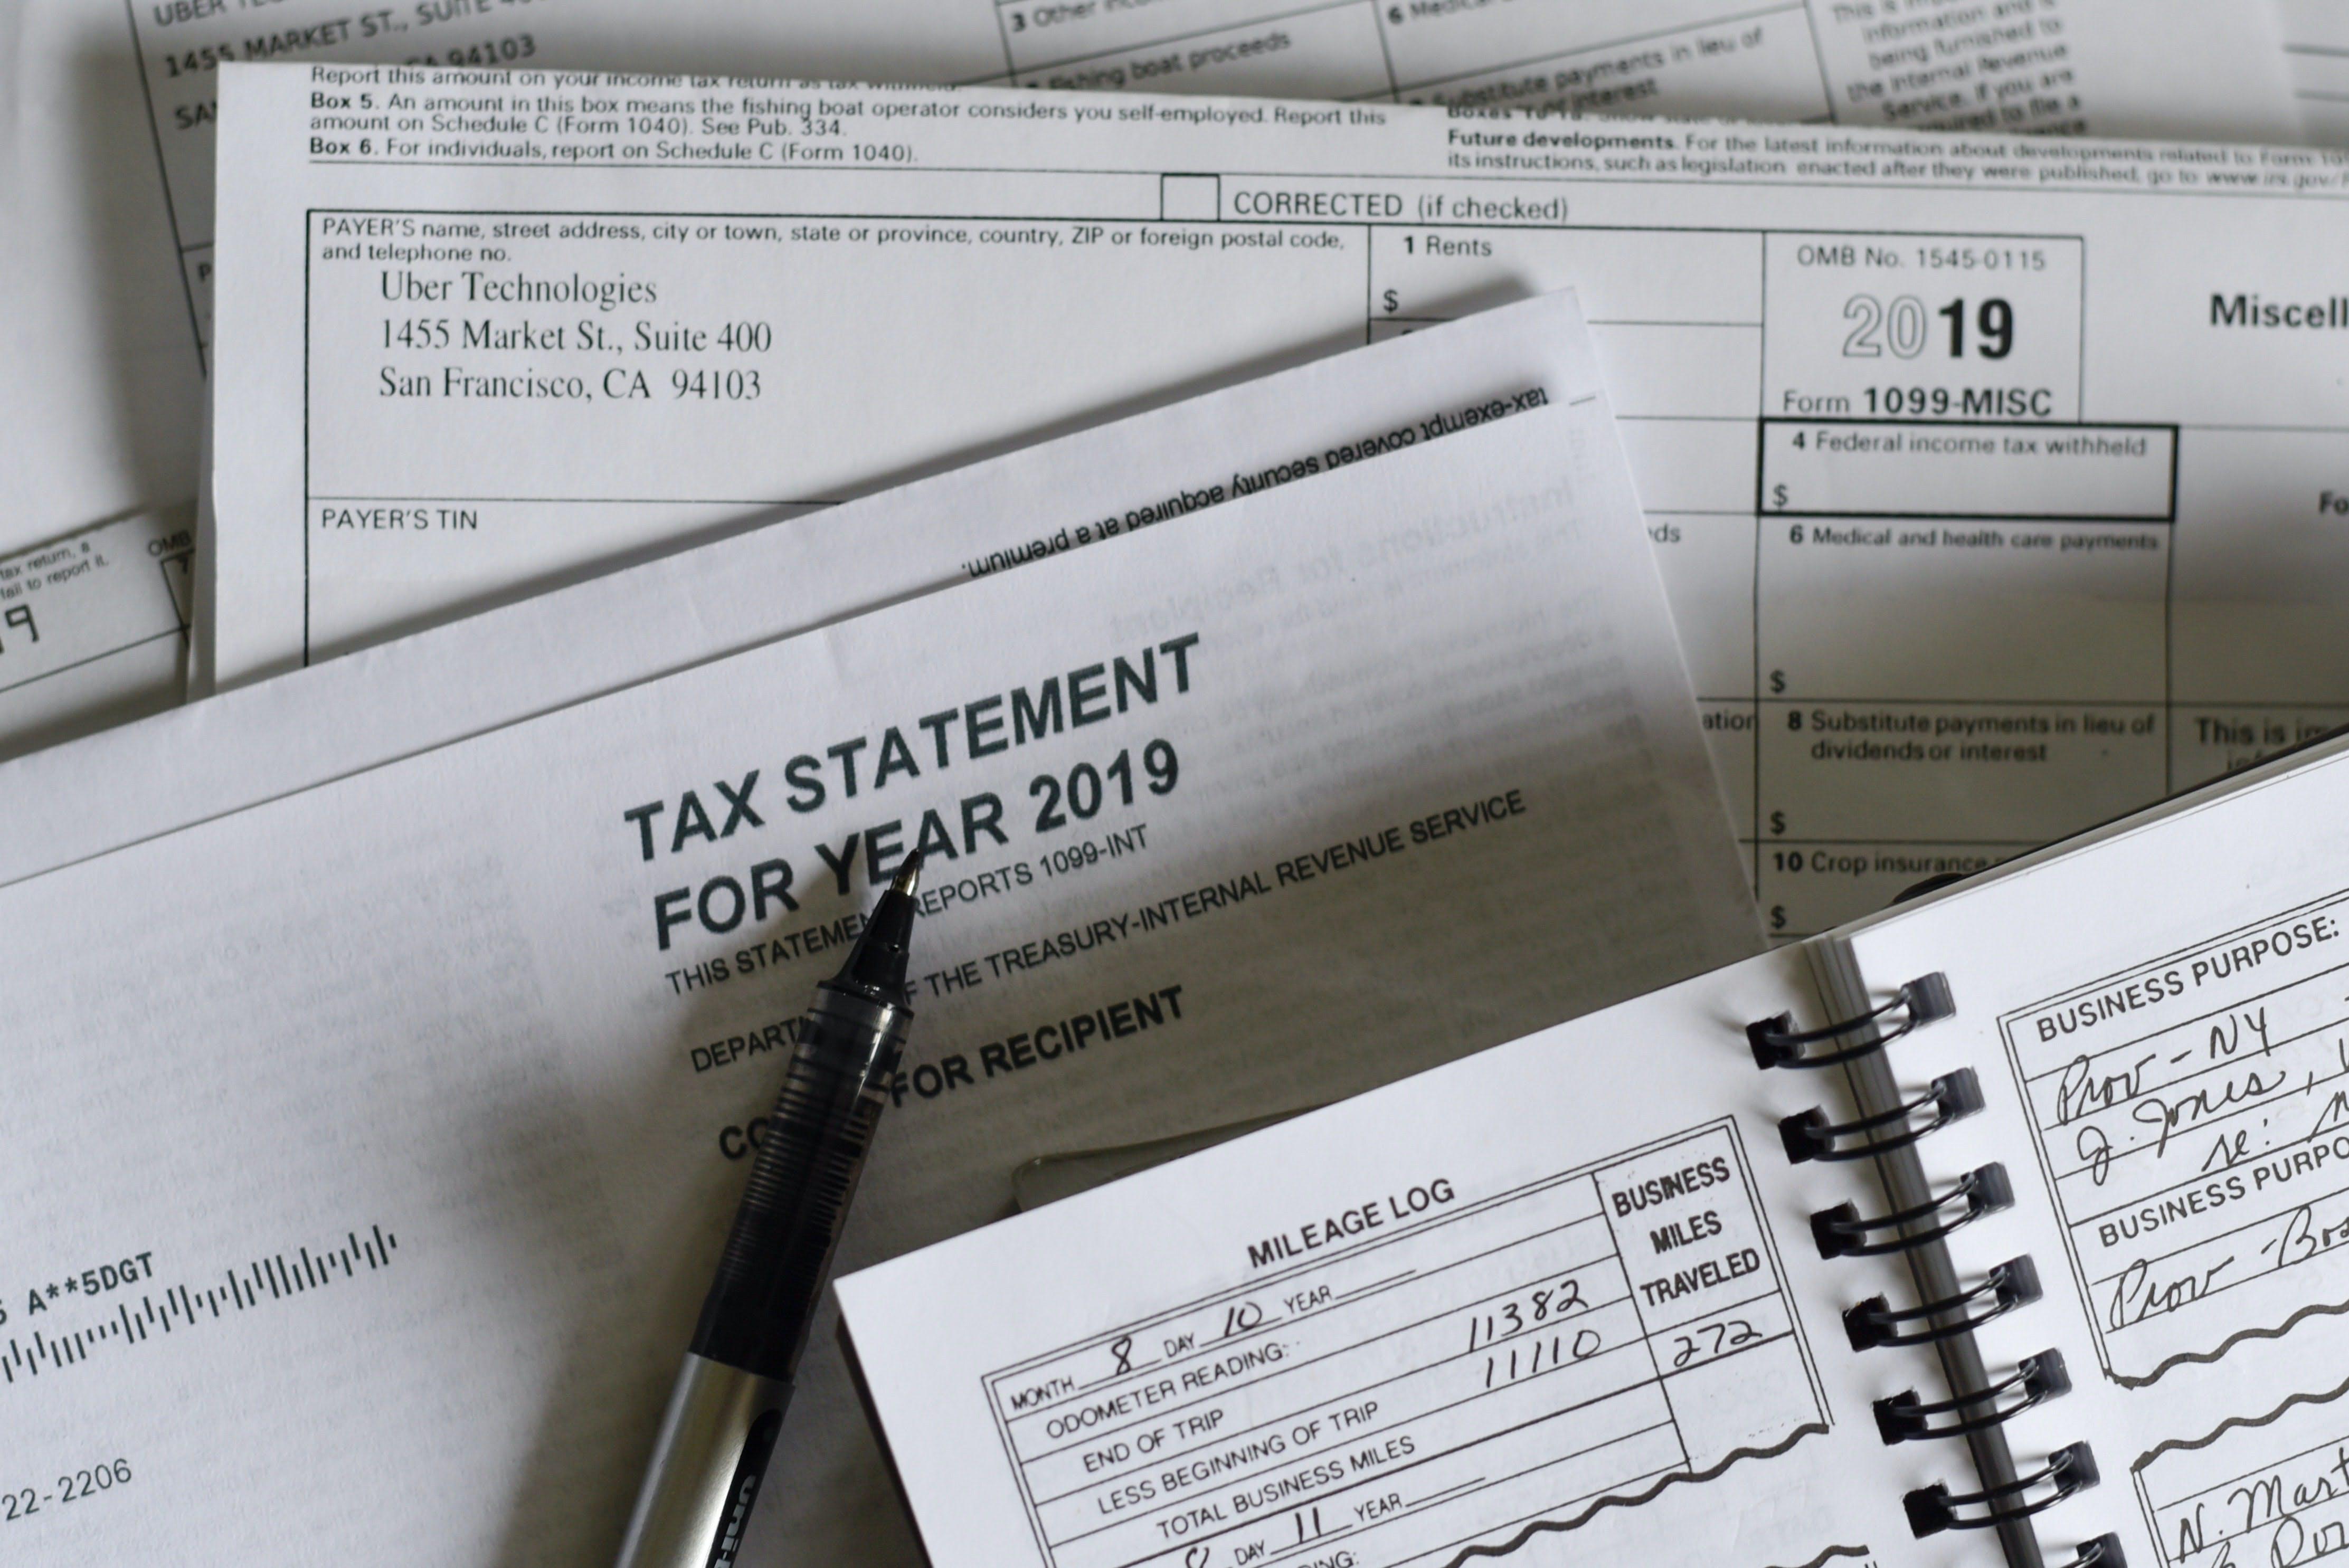 Filing a tax return